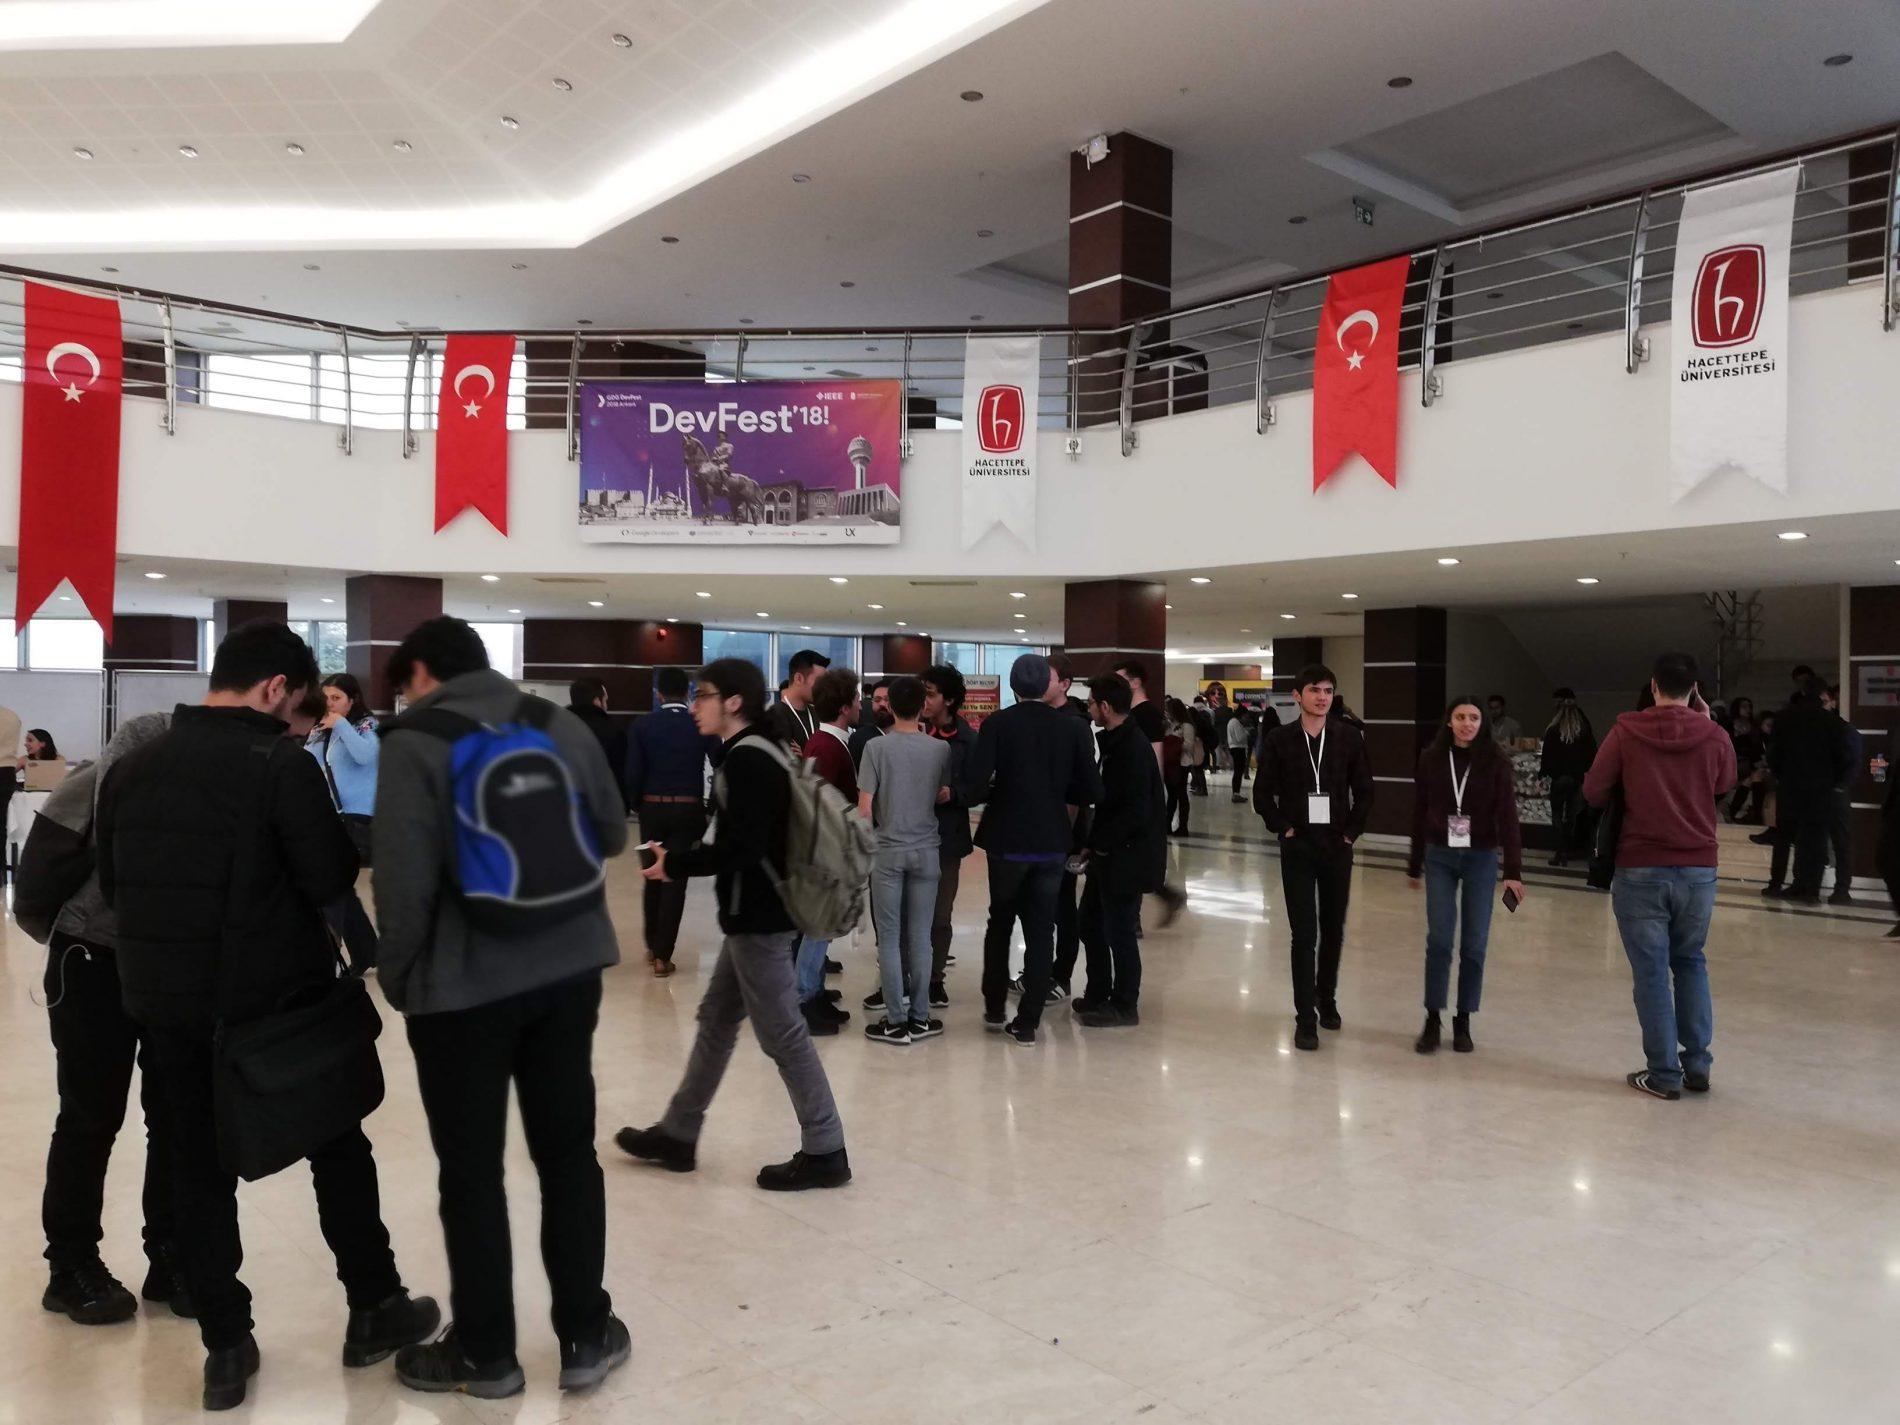 GDG DevFest 2018 Etkinliği 17 Kasım'da Beytepe'de Gerçekleştirildi